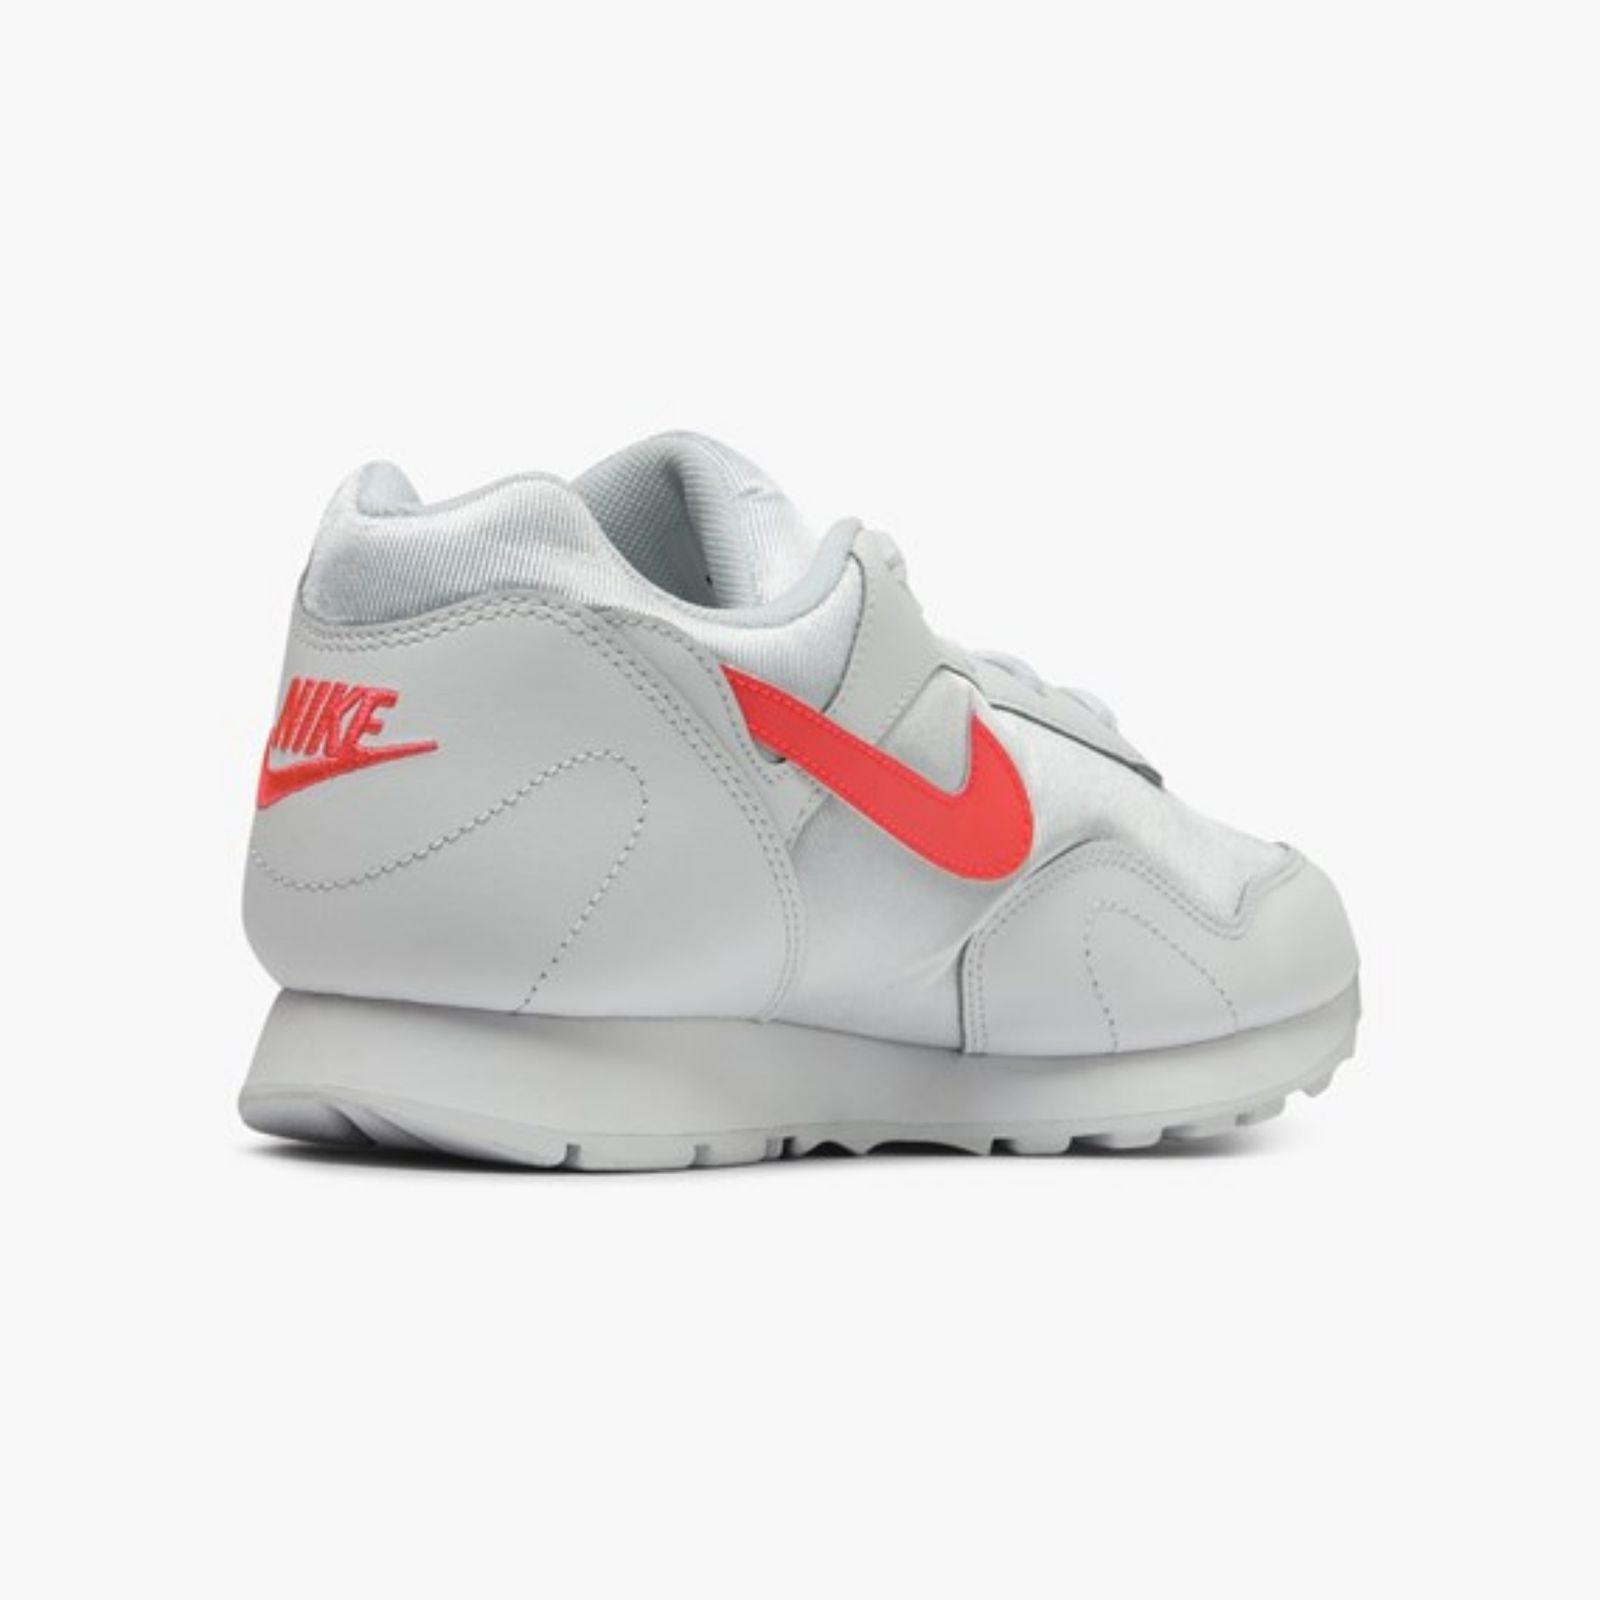 کفش راحتی مردانه نایکی مدل OUTBURST کد ۱۰۱ -  - 3